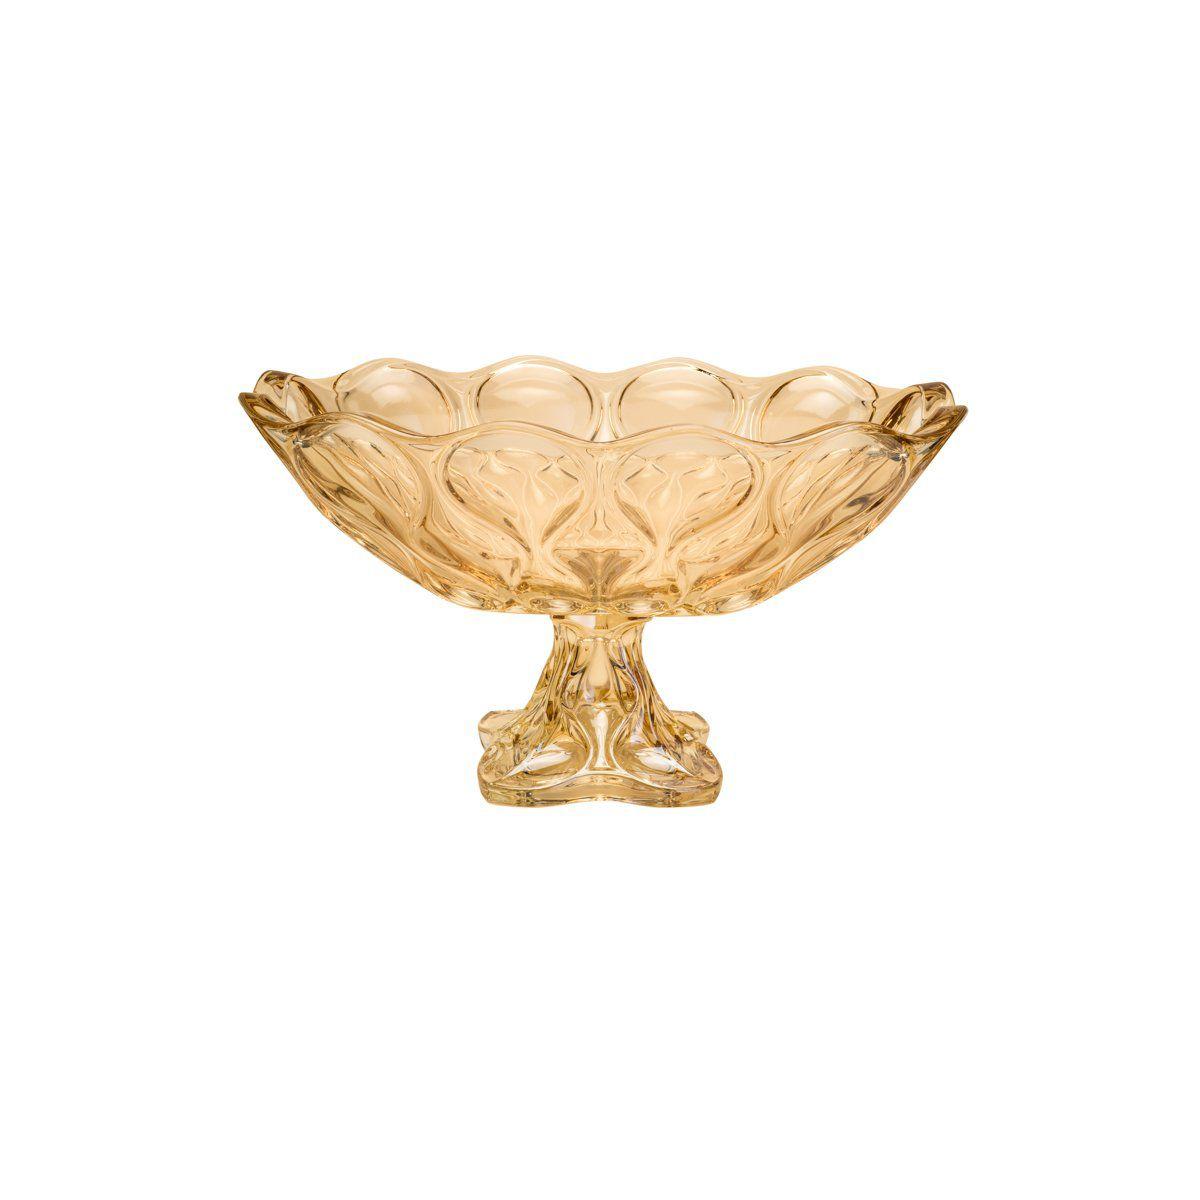 Centro de mesa, fruteira oval 23 x 17 cm de cristal âmbar com pé Safir Wolff - 26047